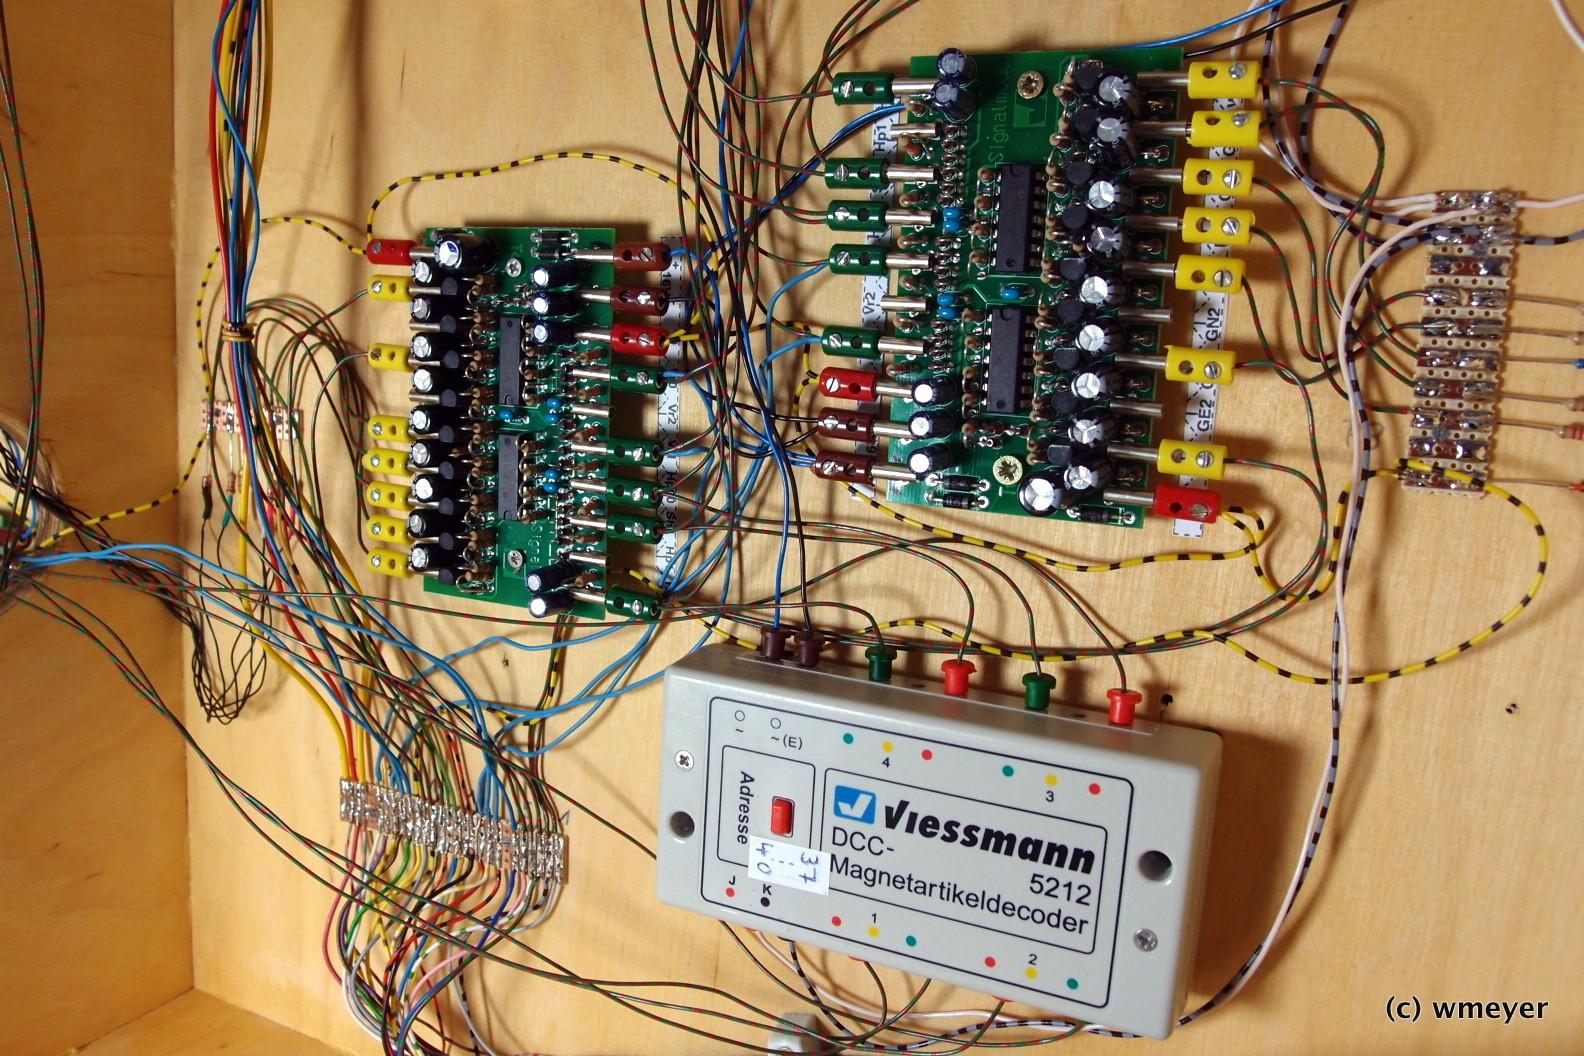 Magnetartikeldecoder, Signalsteuerbausteine und jede Menge Kabel